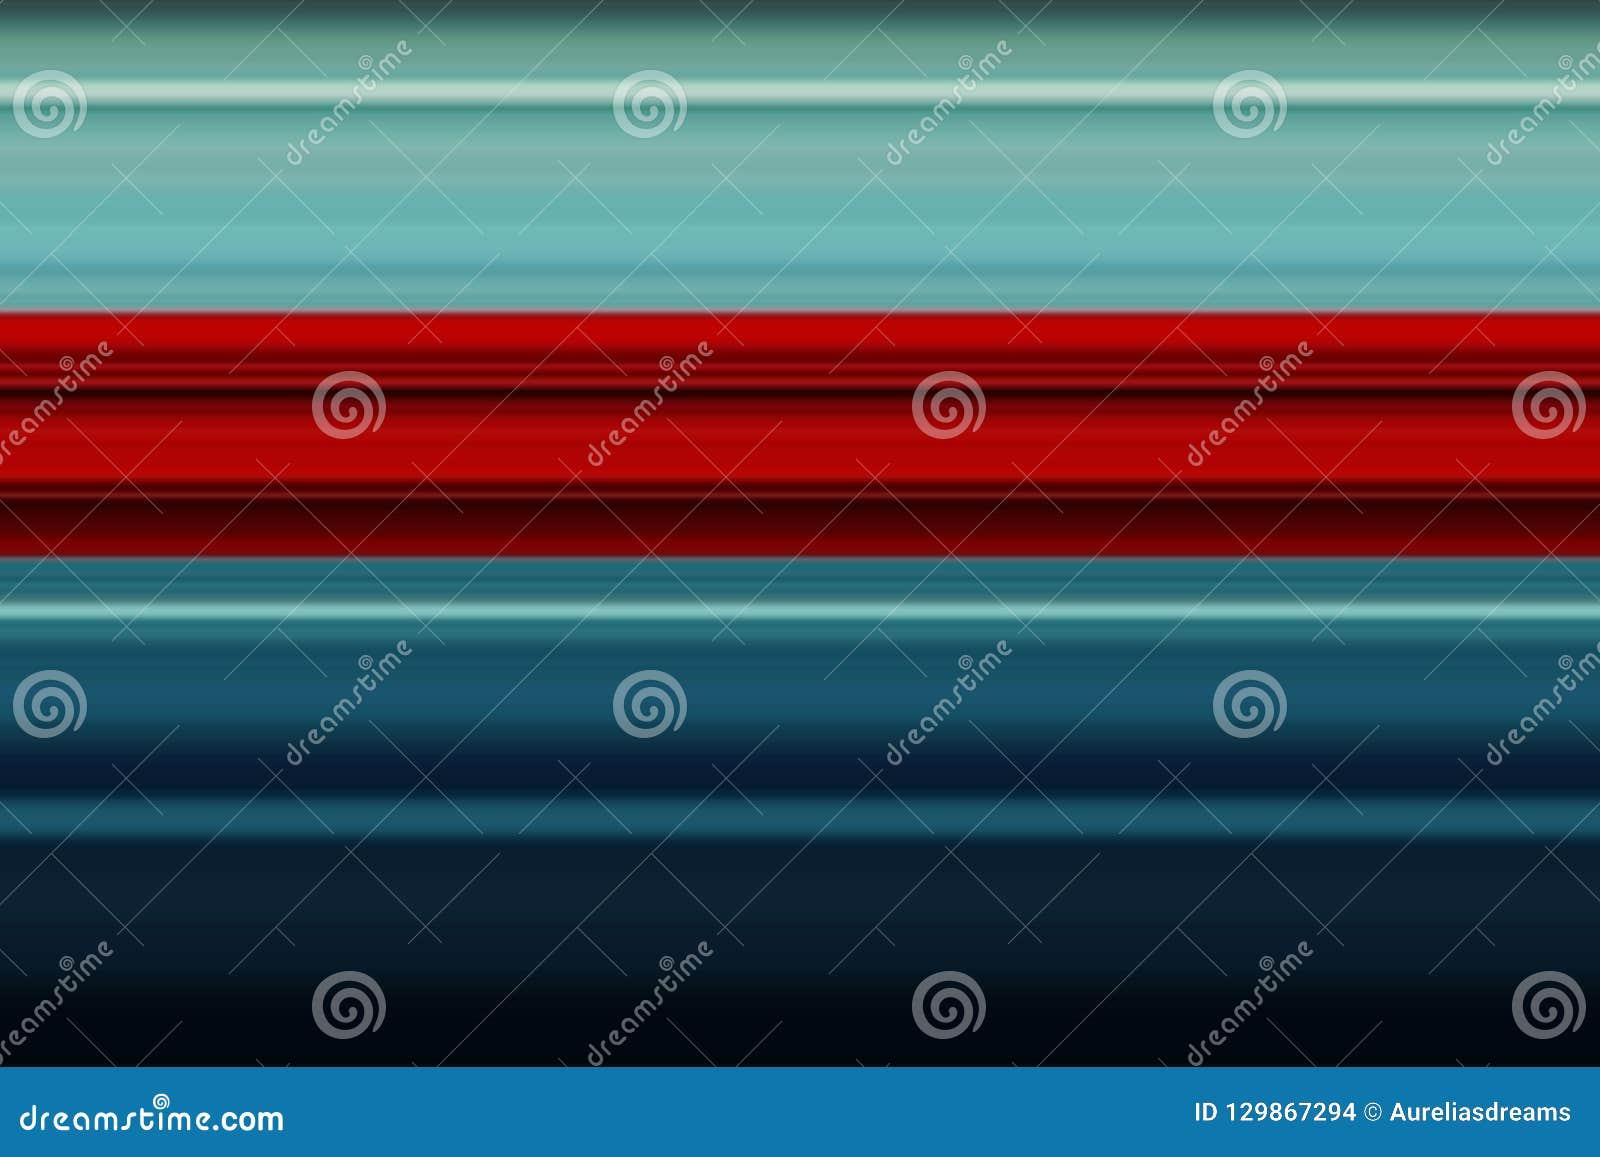 Lineas horizontales brillantes fondo, textura del extracto olorful del ¡de Ð en tonos rojos y azules